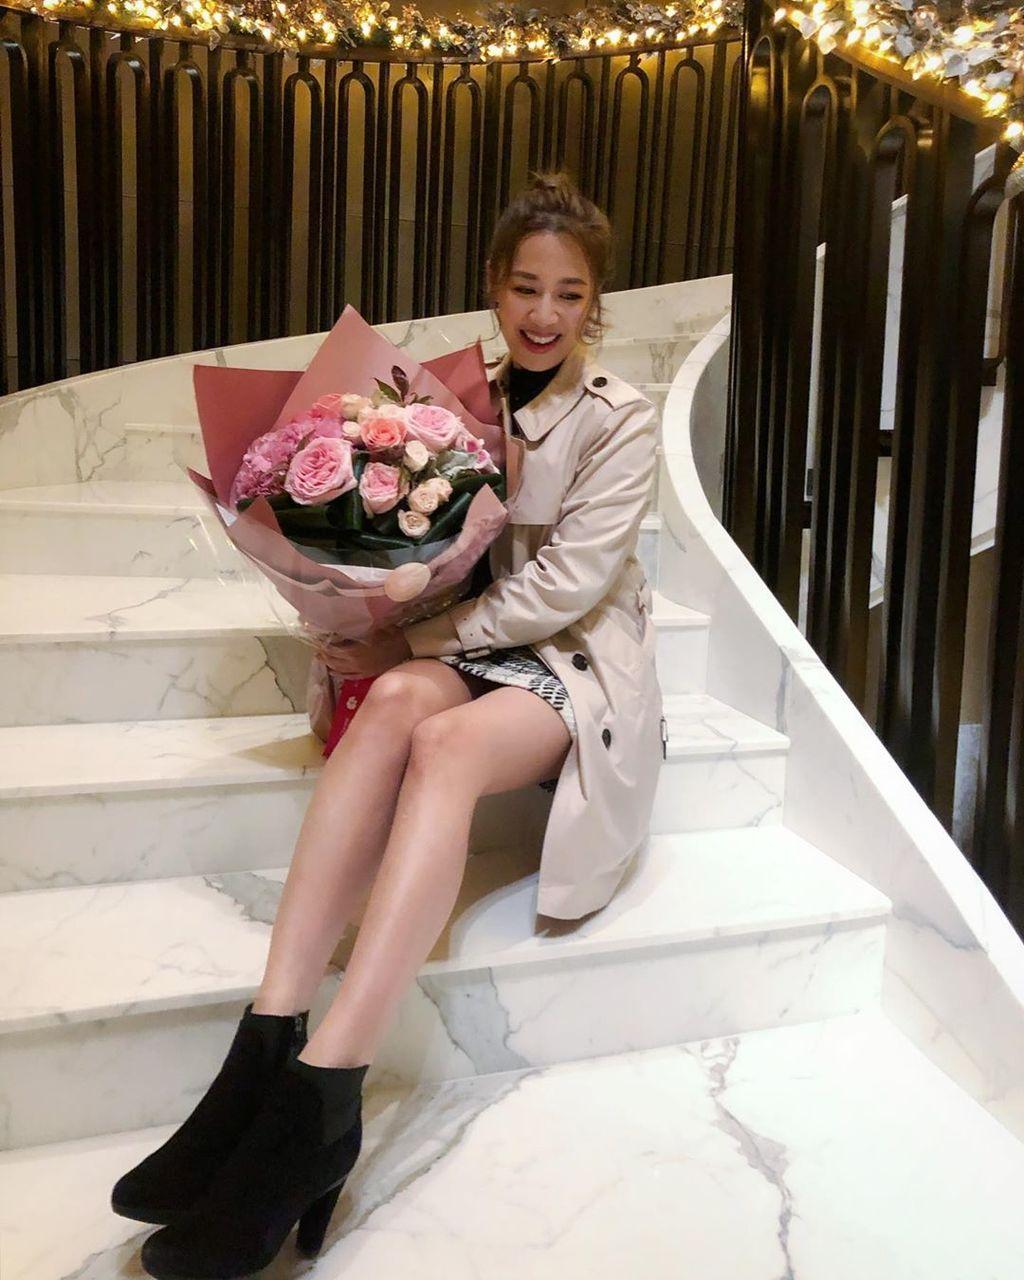 【壽星女】岑杏賢覓貼心男友每天獲寵愛 彼此視對方為結婚對象 - 香港經濟日報 - TOPick - 娛樂 - D201008